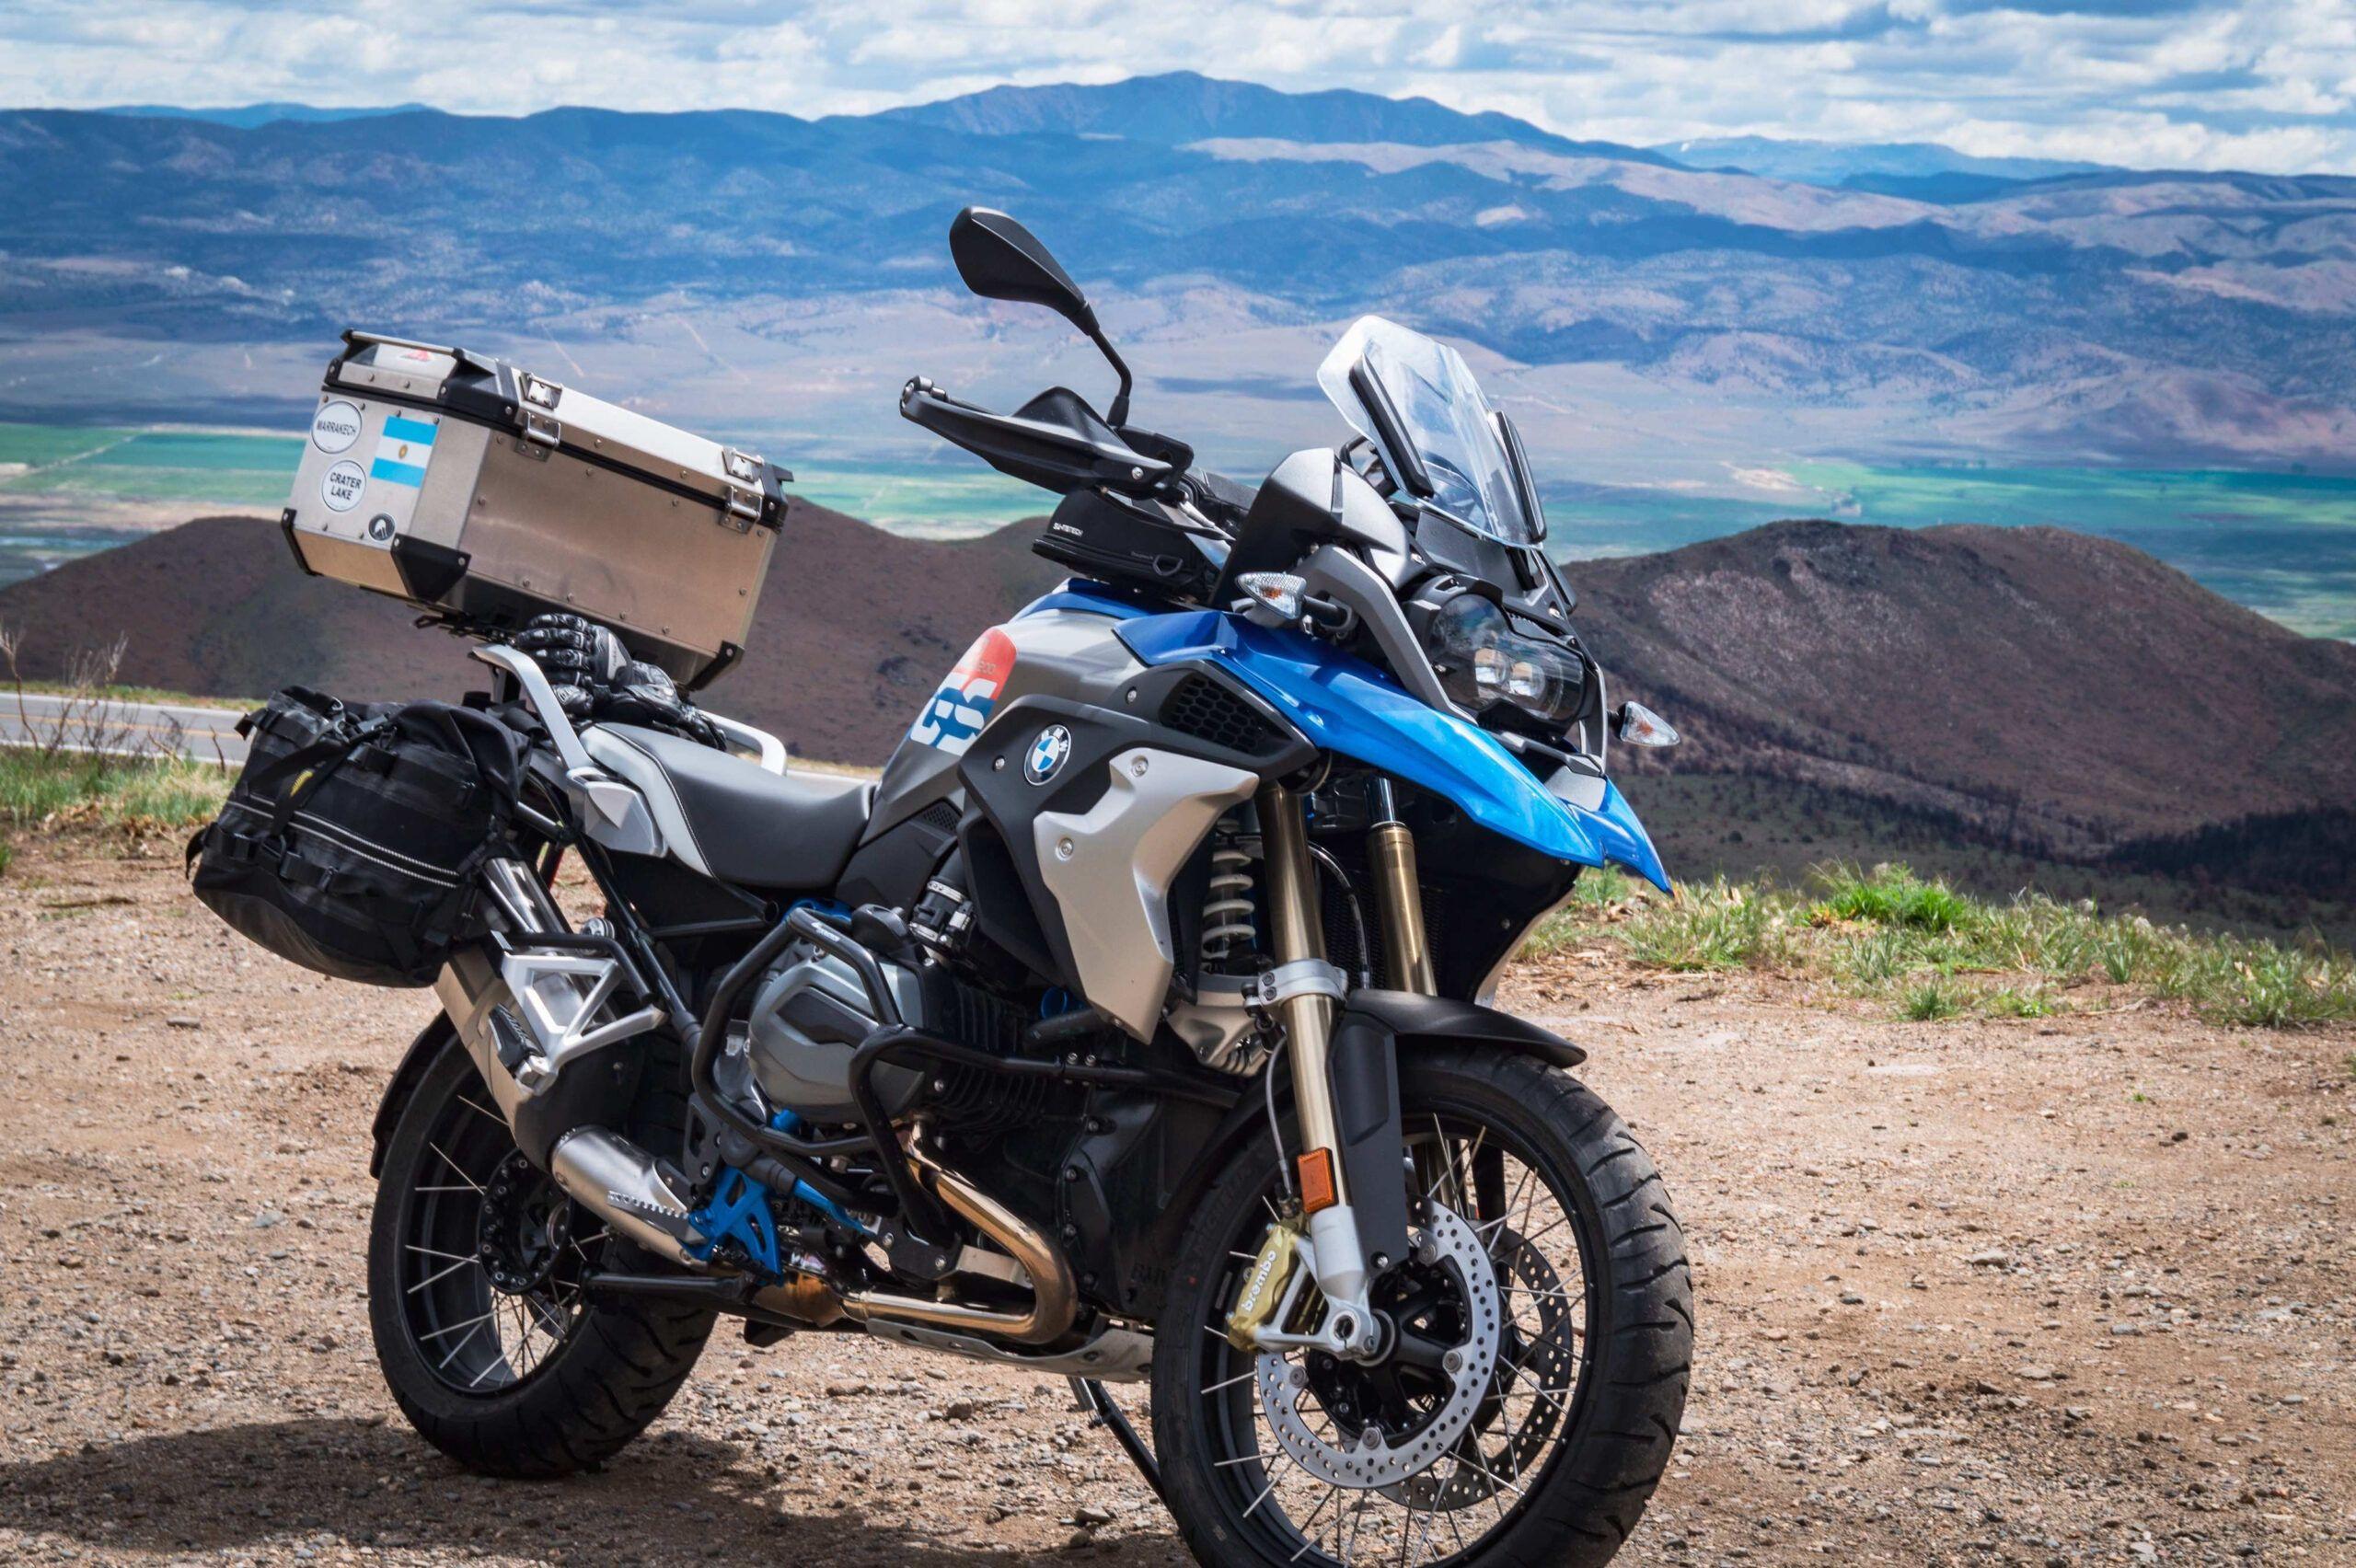 Bmw R1200gs 2020 Price And Release Date Em 2020 Motos Esportivas Motos Esportes